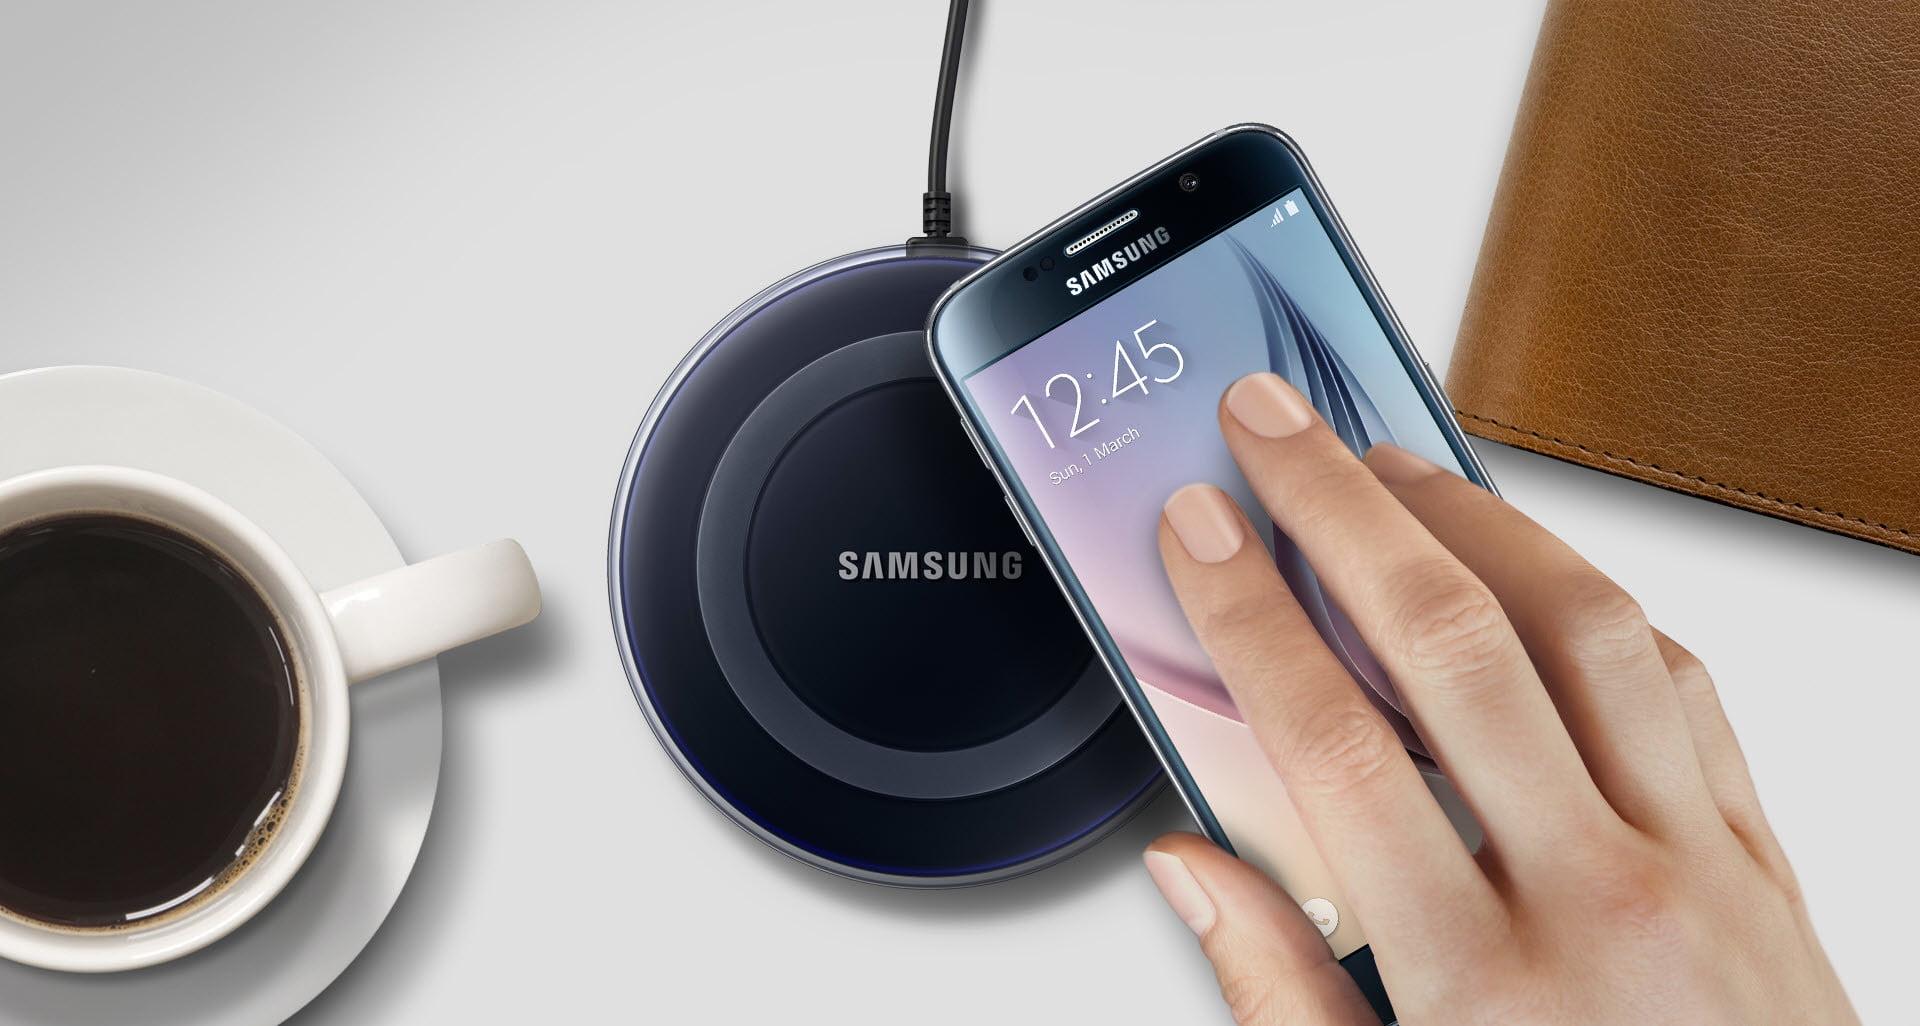 Новая беспроводная зарядка Samsung сможет заряжать два смартфона одновременно